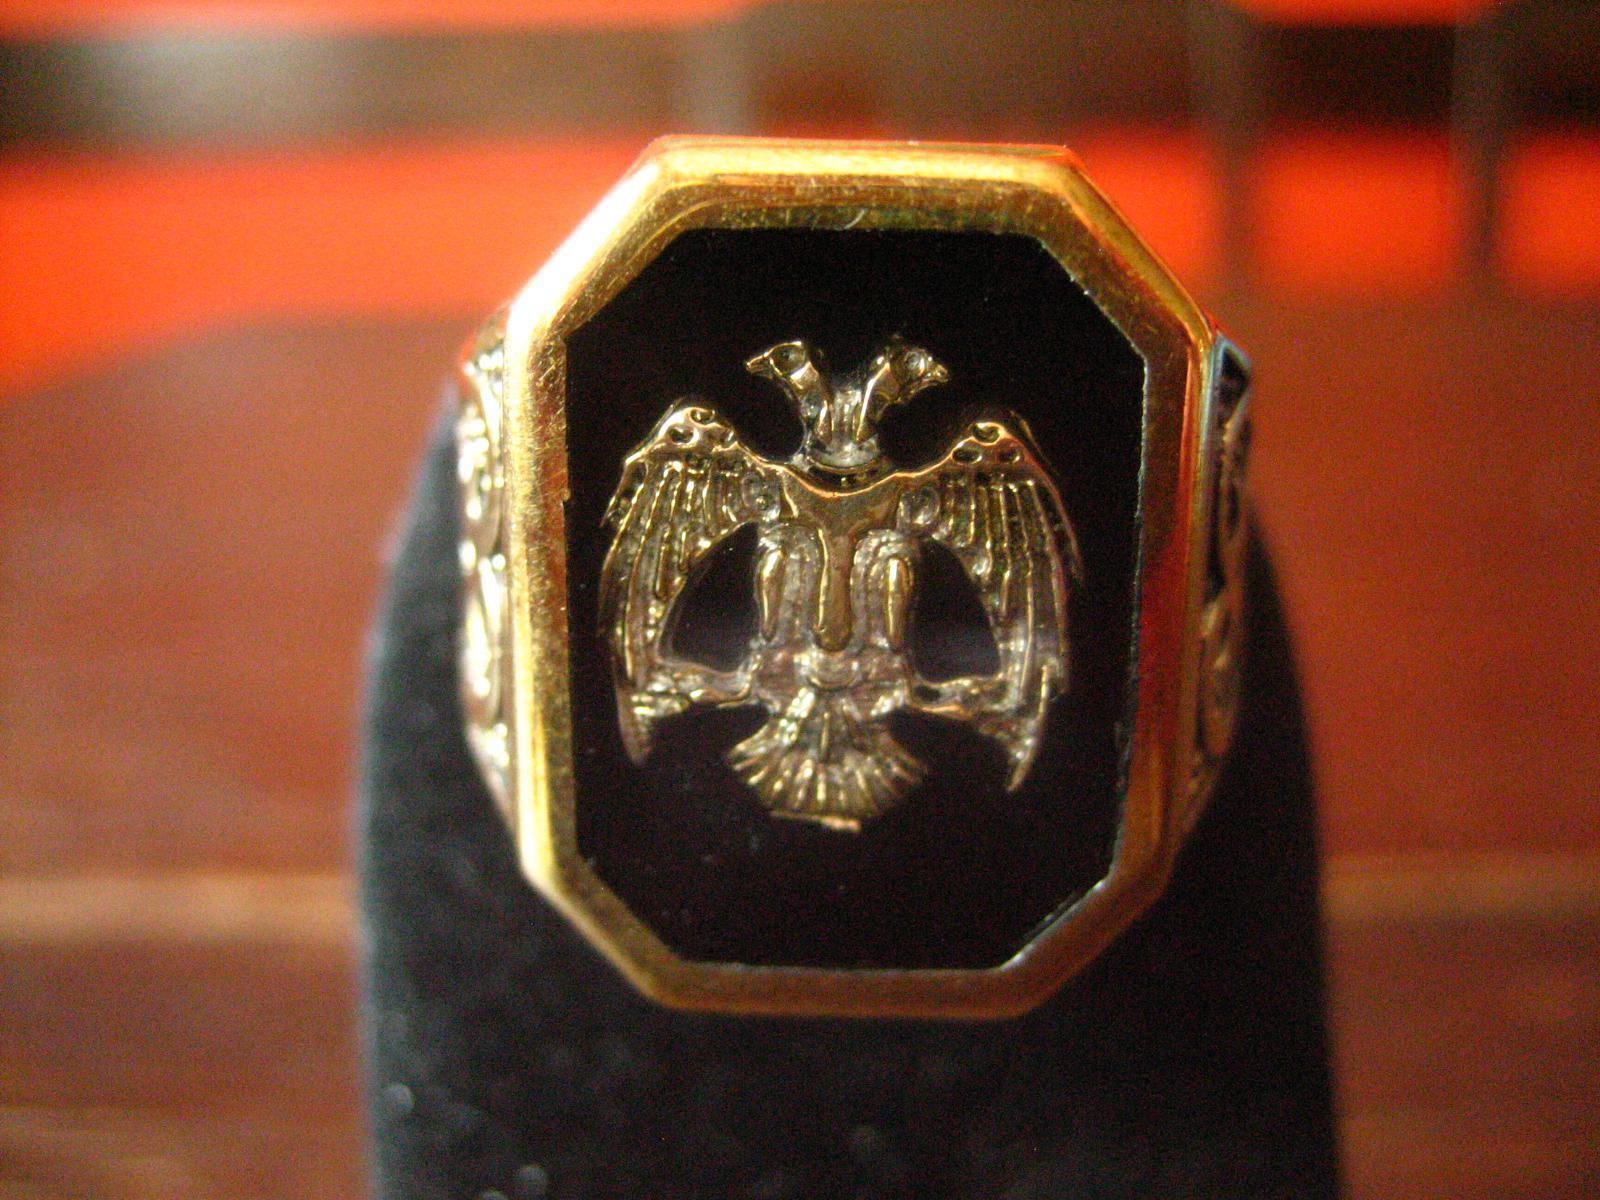 prchtiger-herrenring-adler-wappen-reich-verziert-925er-silber-gold-g-65-20--5-mm Verwunderlich Reich Werden Mit Silber Dekorationen